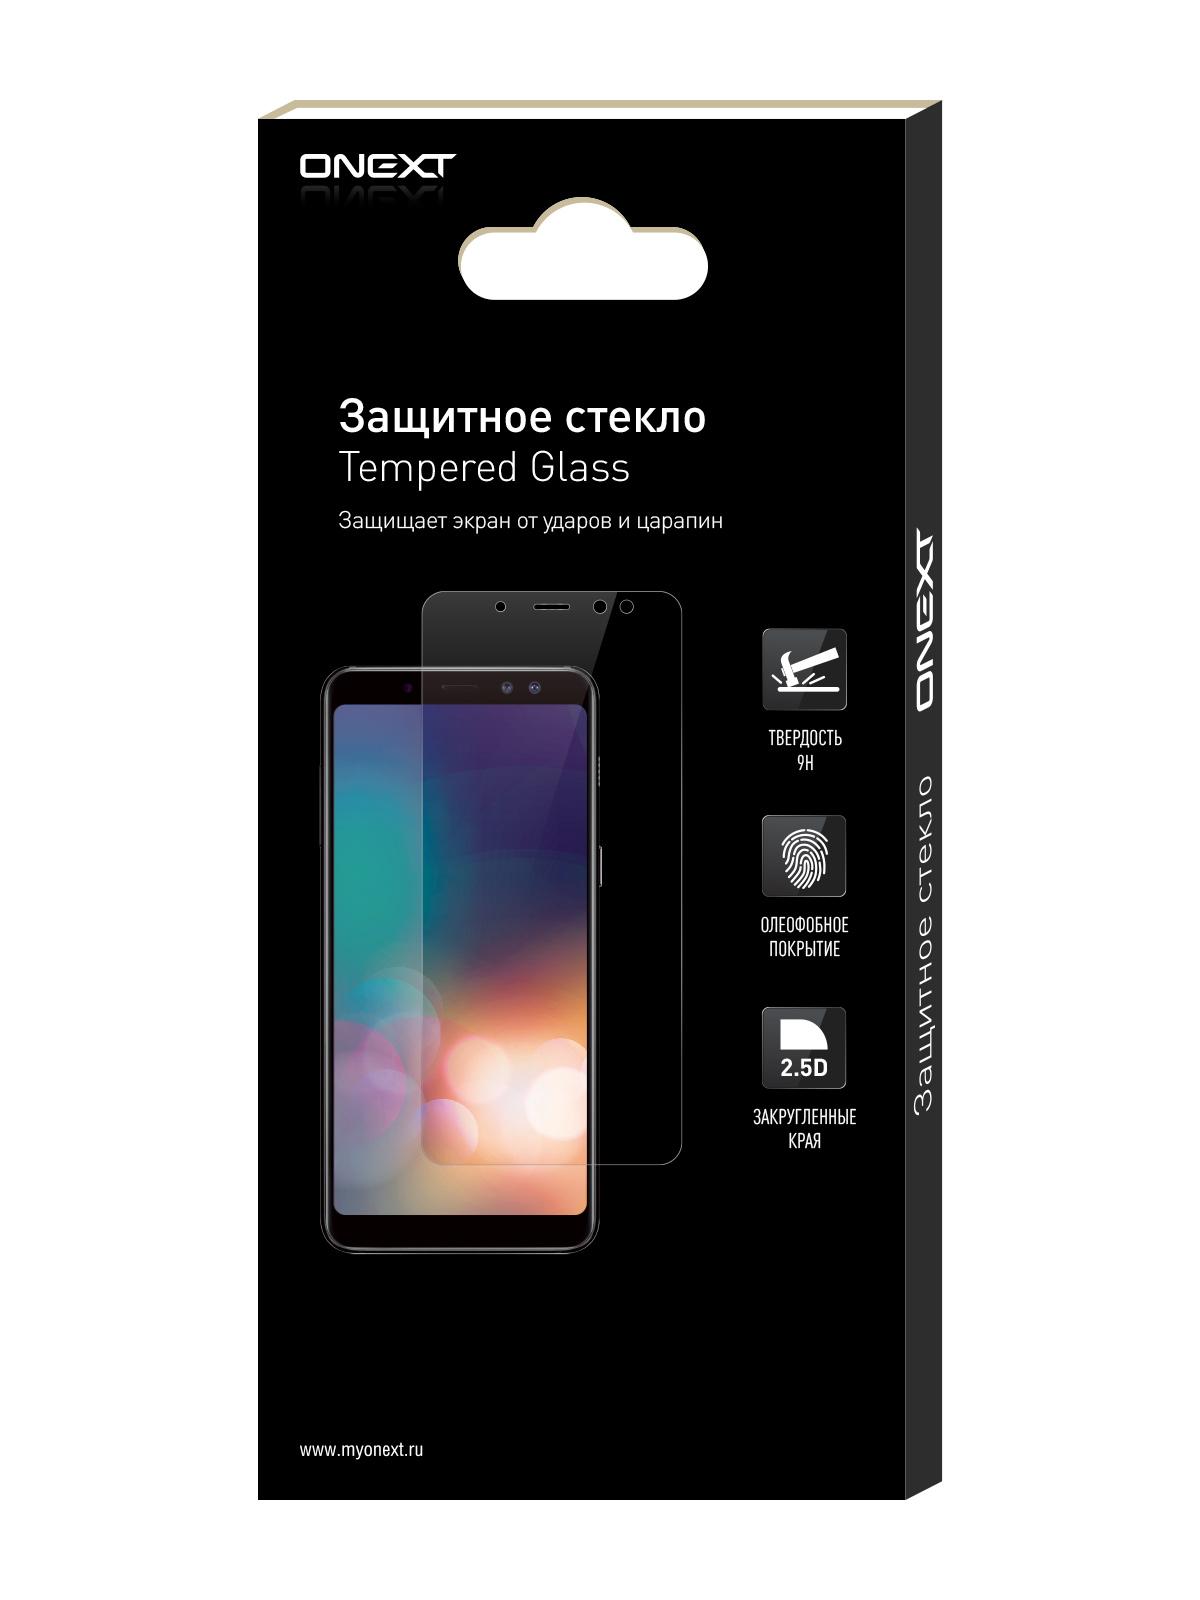 Защитное стекло ONEXT для Apple iPhone 5/iPhone 5C/iPhone 5S/iPhone SE